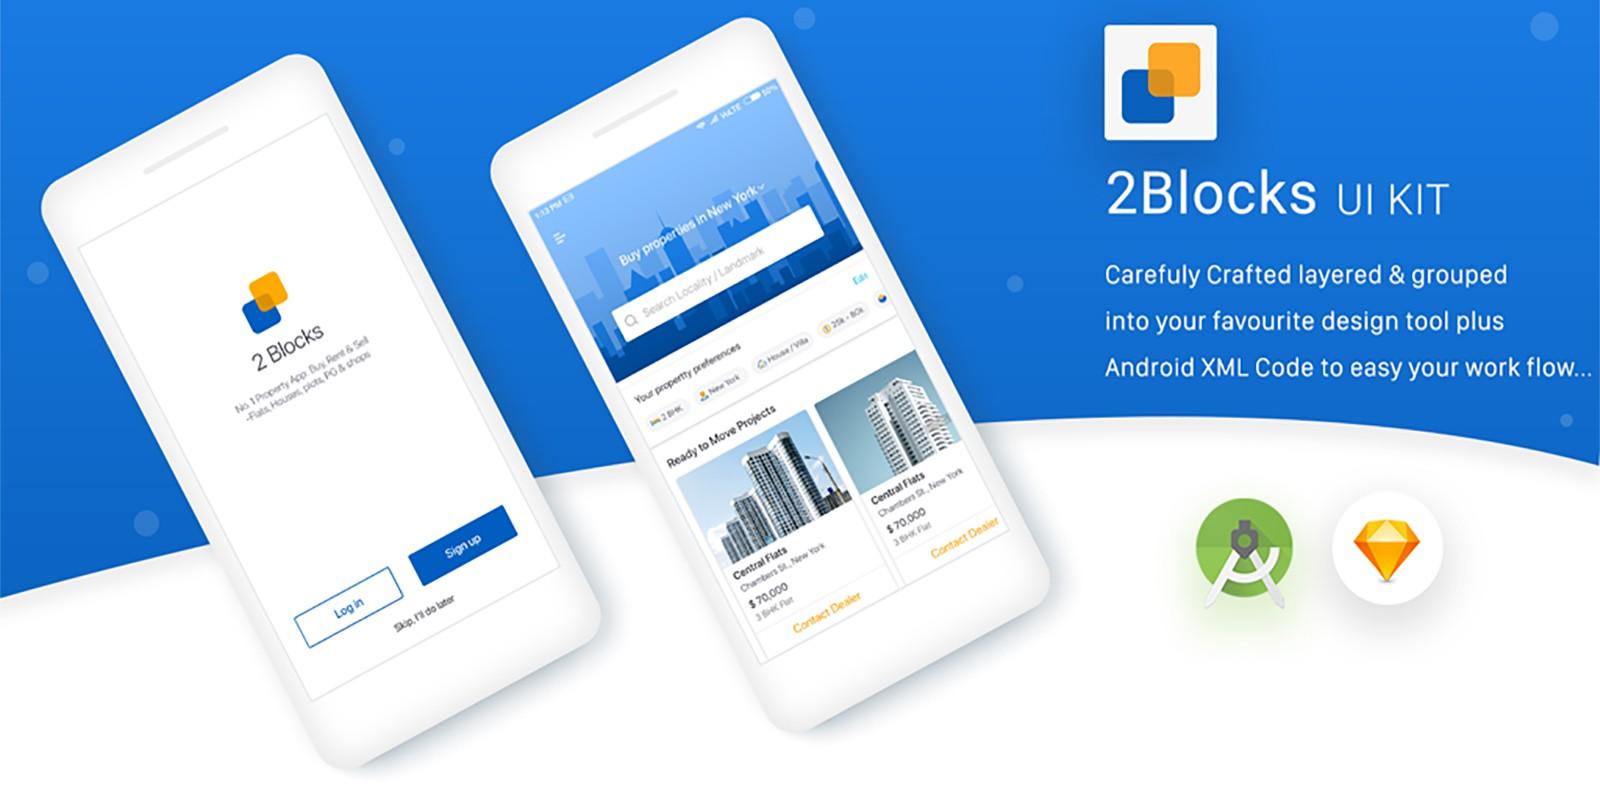 2Blocks - Android Studio UI Kit